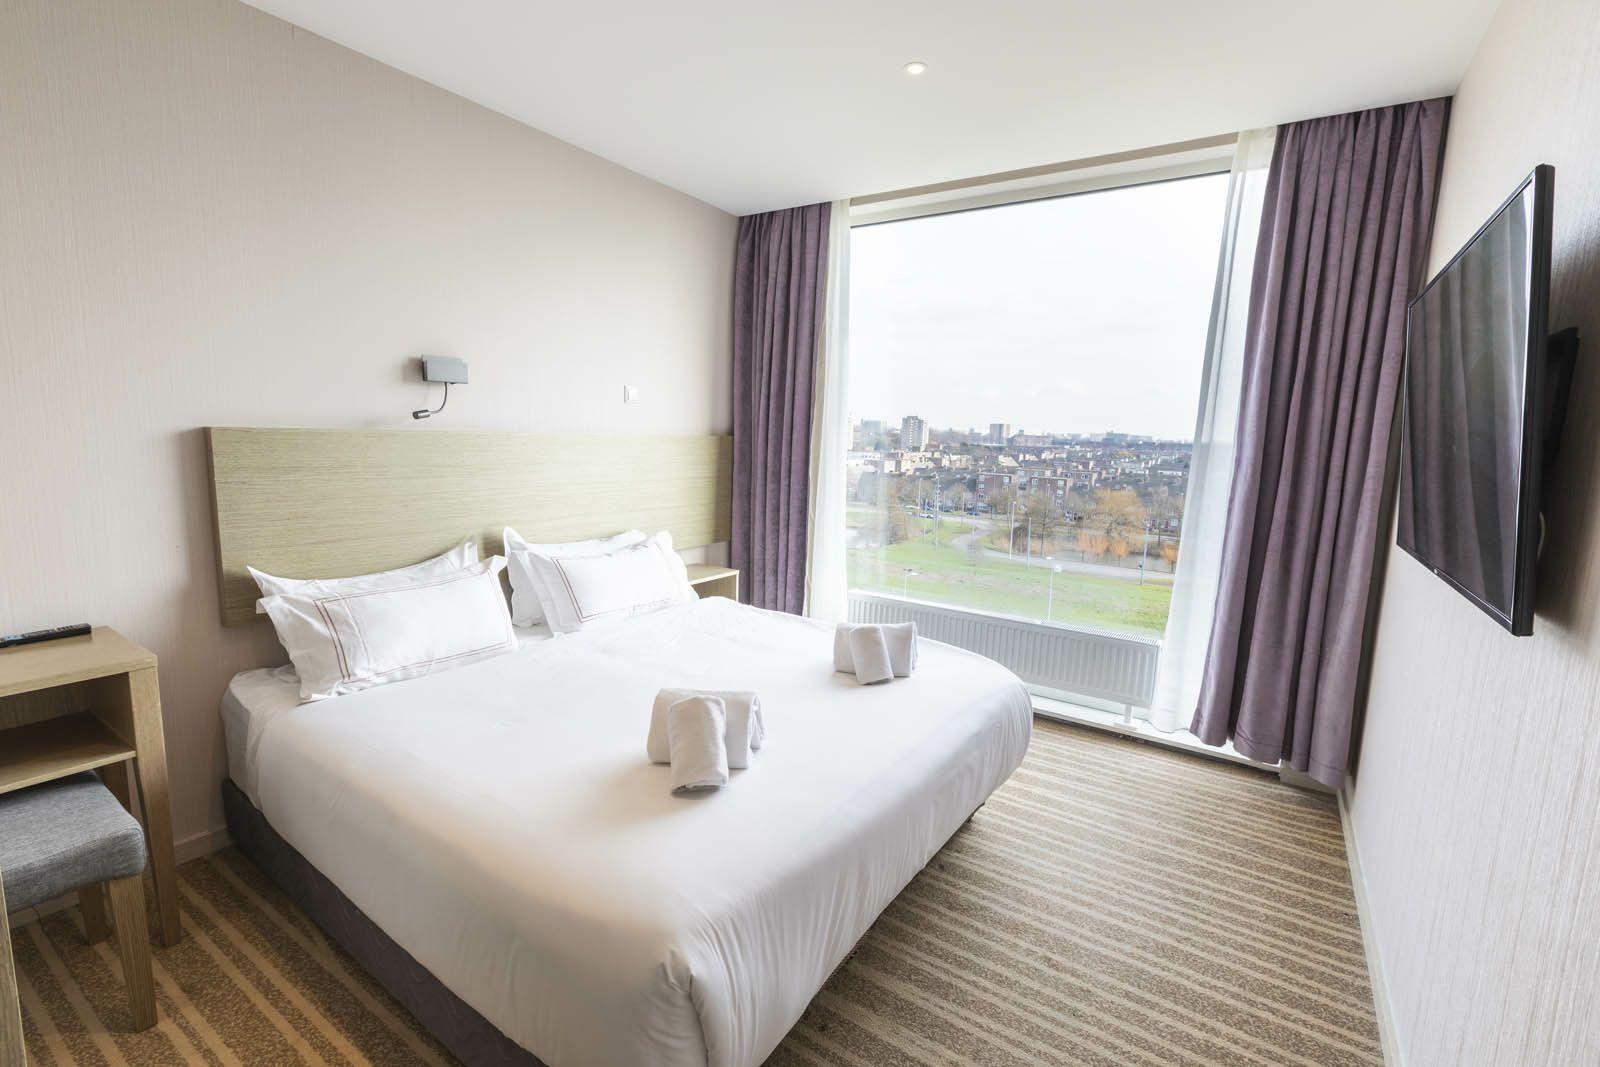 Kamer gezocht? Hotel in Osdorp Amsterdam zet kamers op funda (€ 1000 per maand, inclusief eten en schone handdoeken)